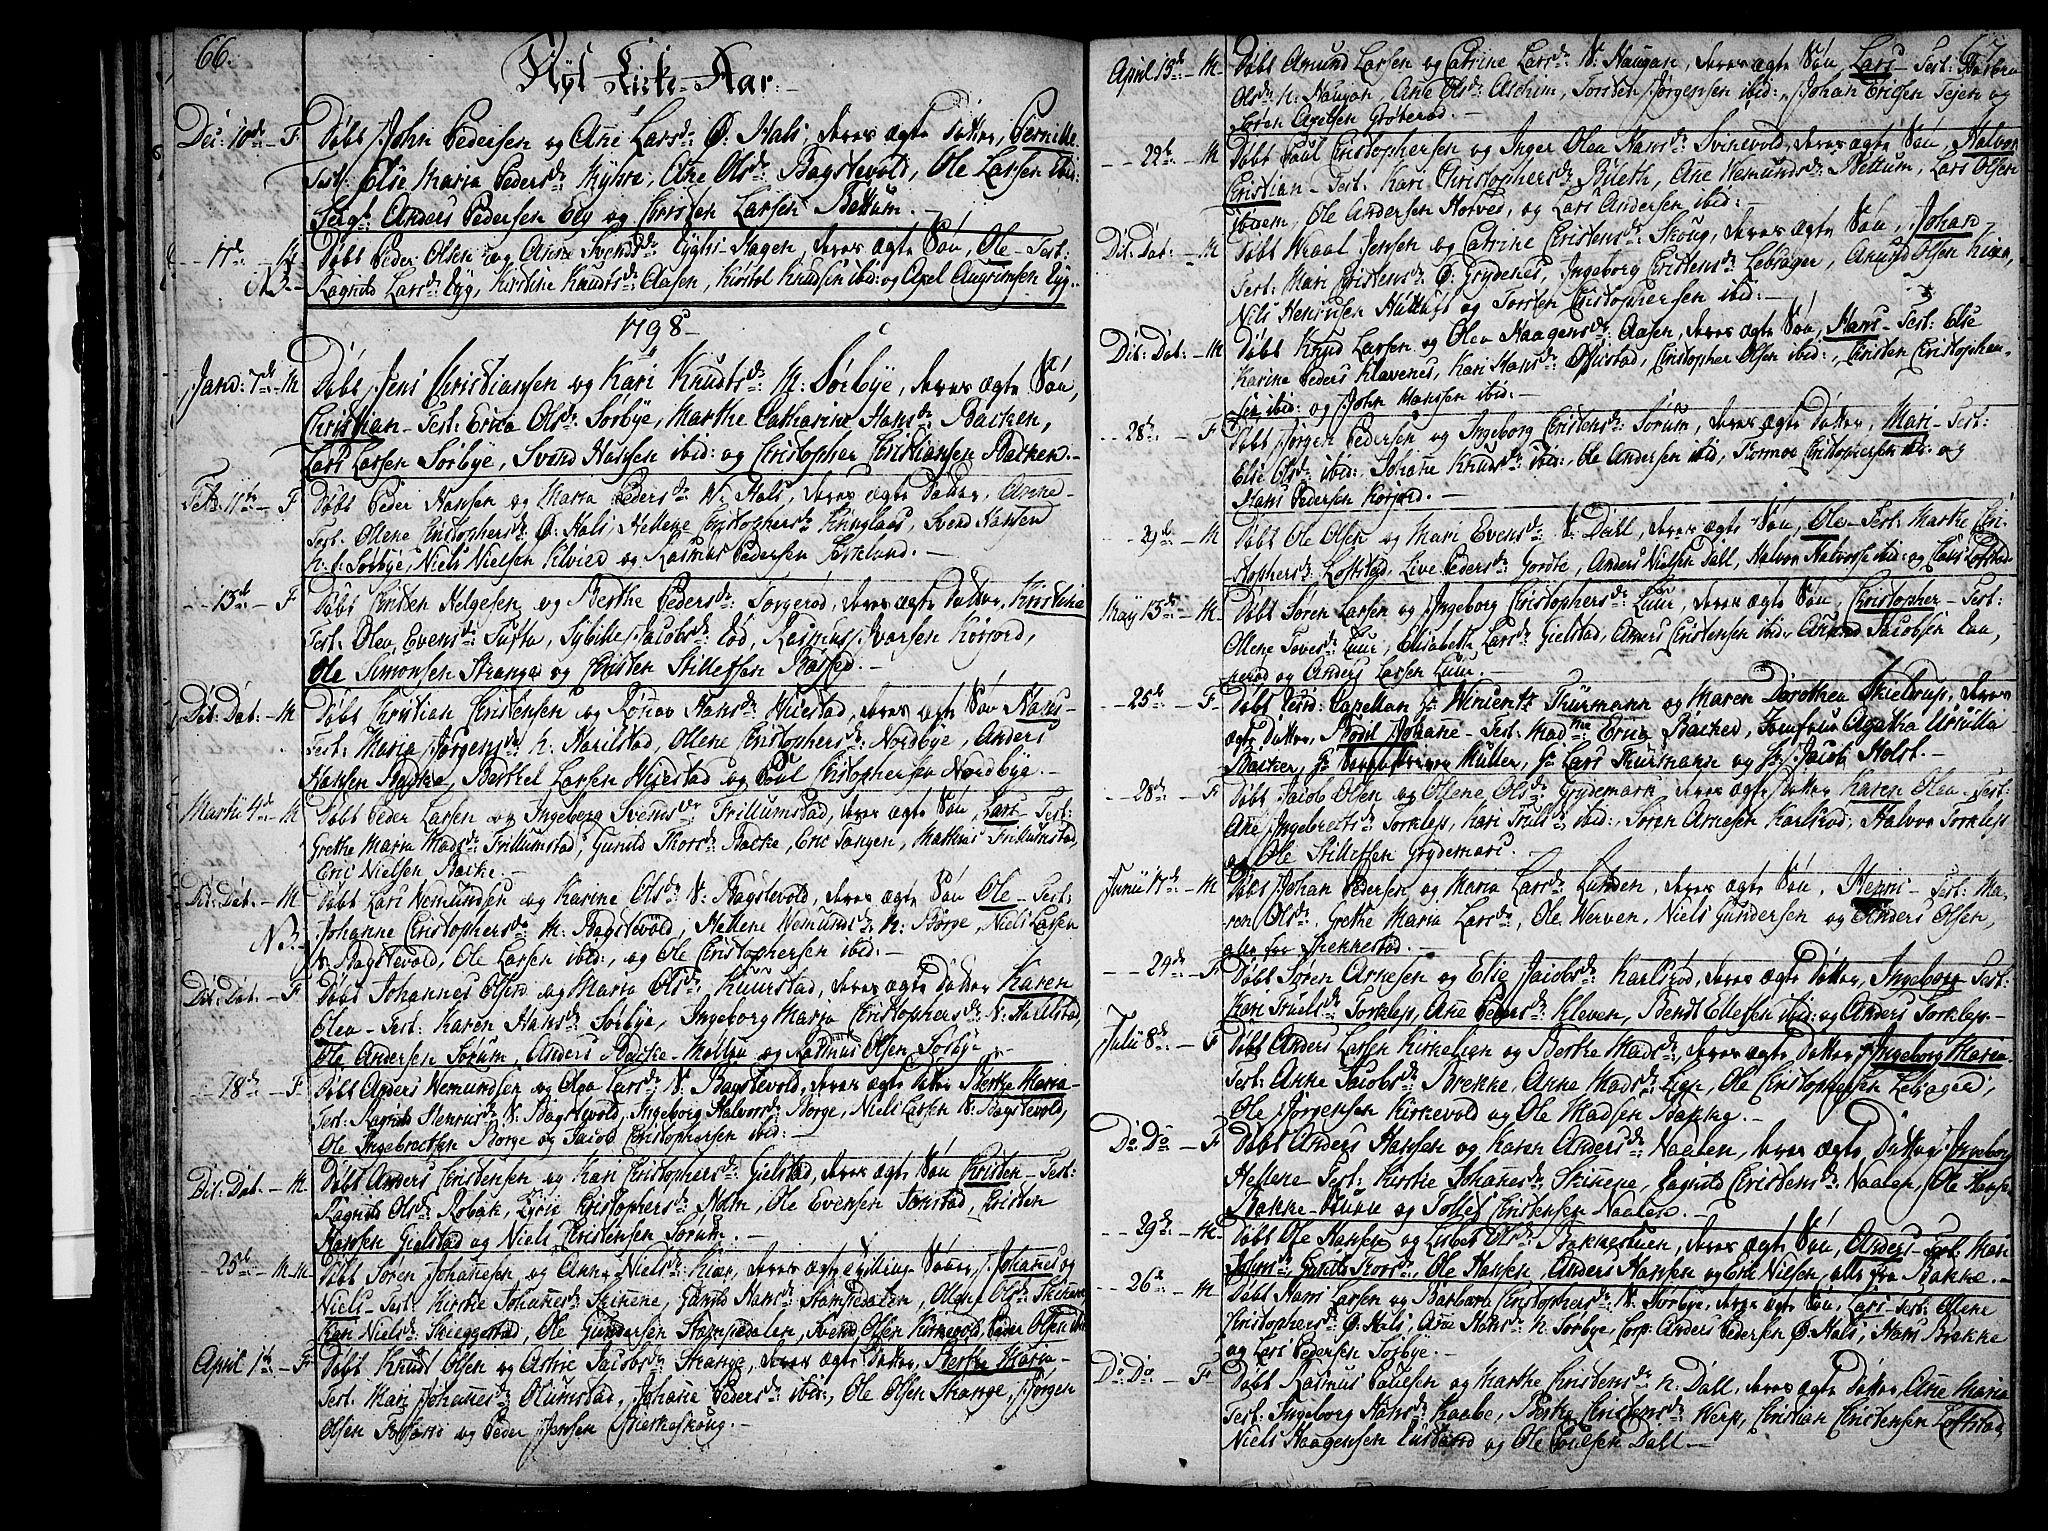 SAKO, Våle kirkebøker, F/Fa/L0005: Ministerialbok nr. I 5, 1773-1808, s. 66-67